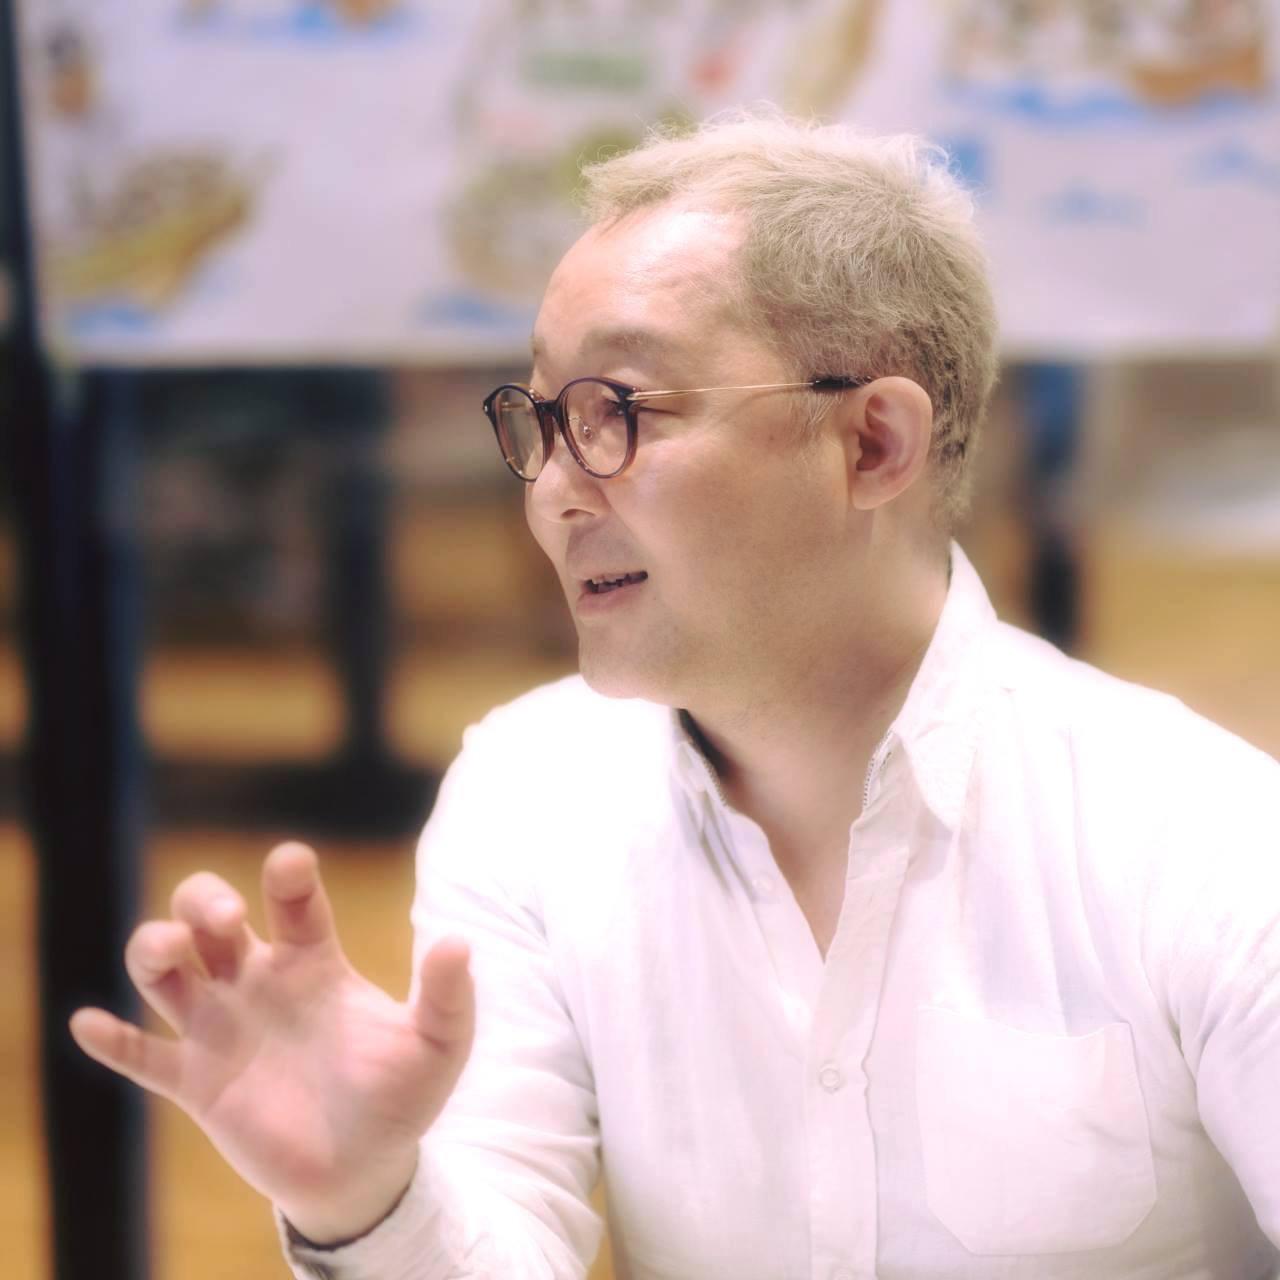 太田 文明(オオタ ブンメイ)のプロフィール写真